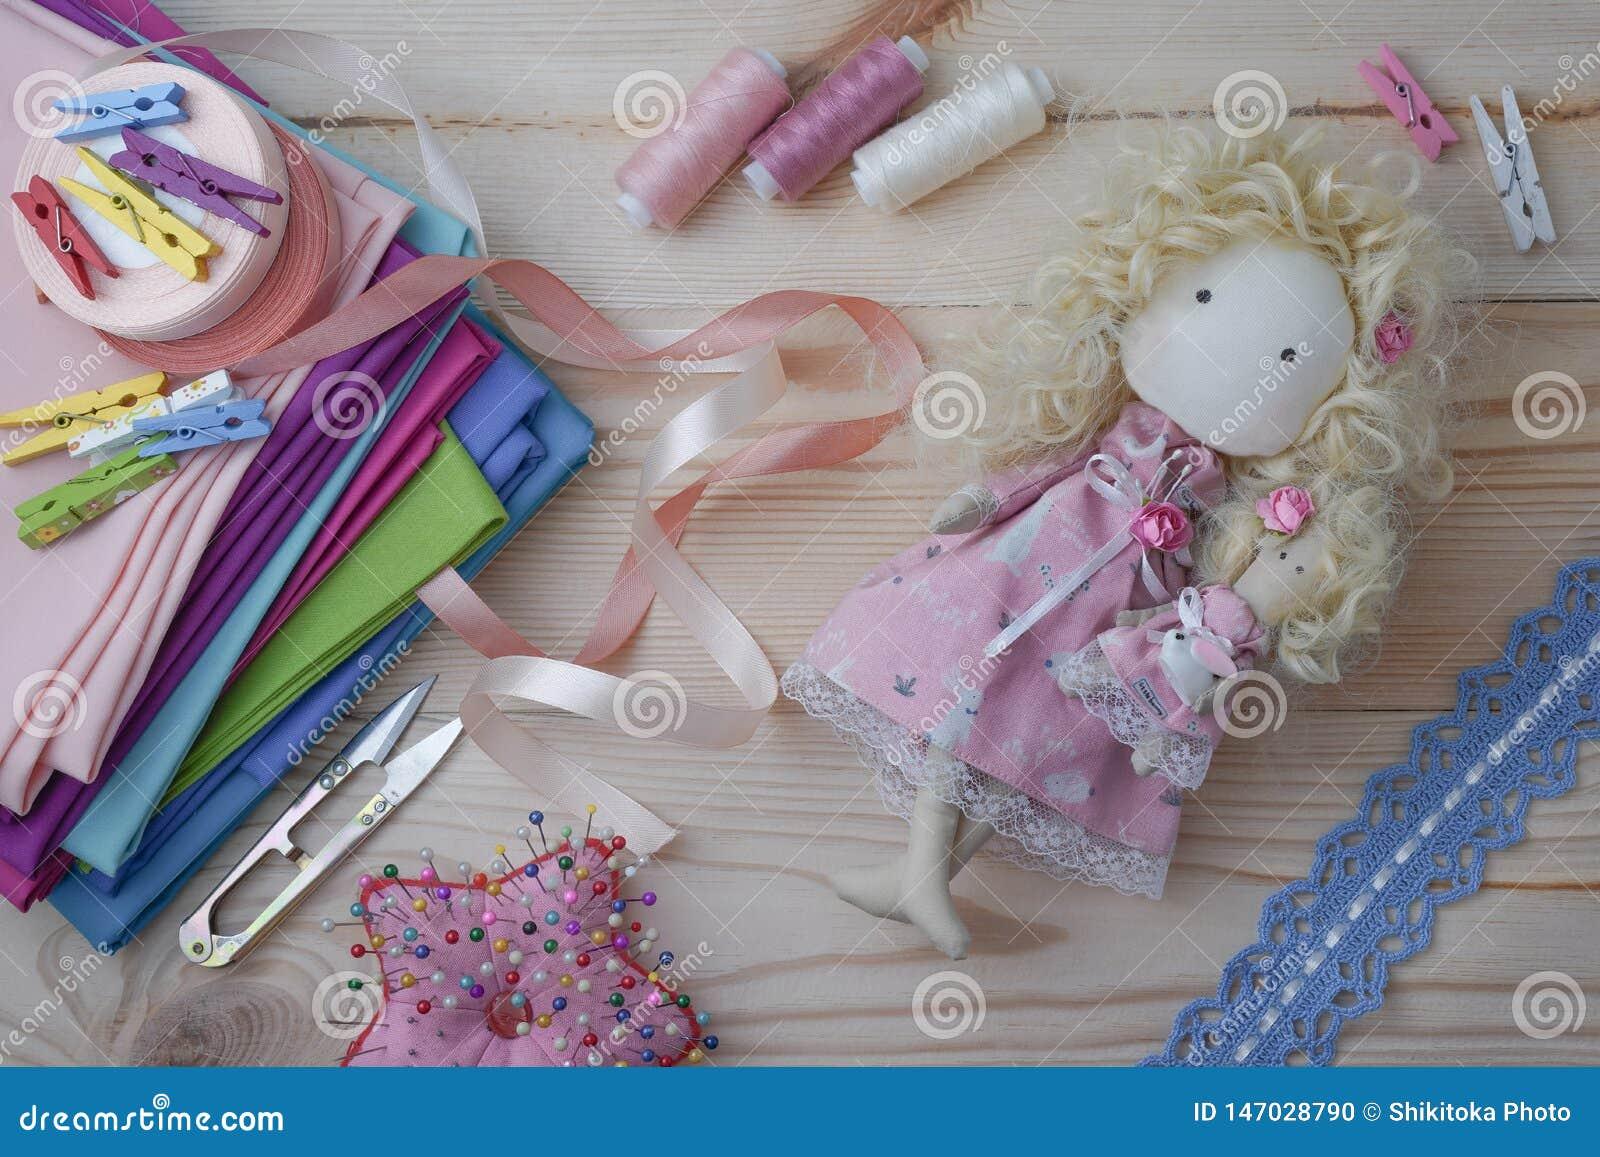 Nette handgemachte Puppe auf einem Holztisch mit bunten Geweben, gestrickter Spitze, Pastellbändern und nähenden Möbeln